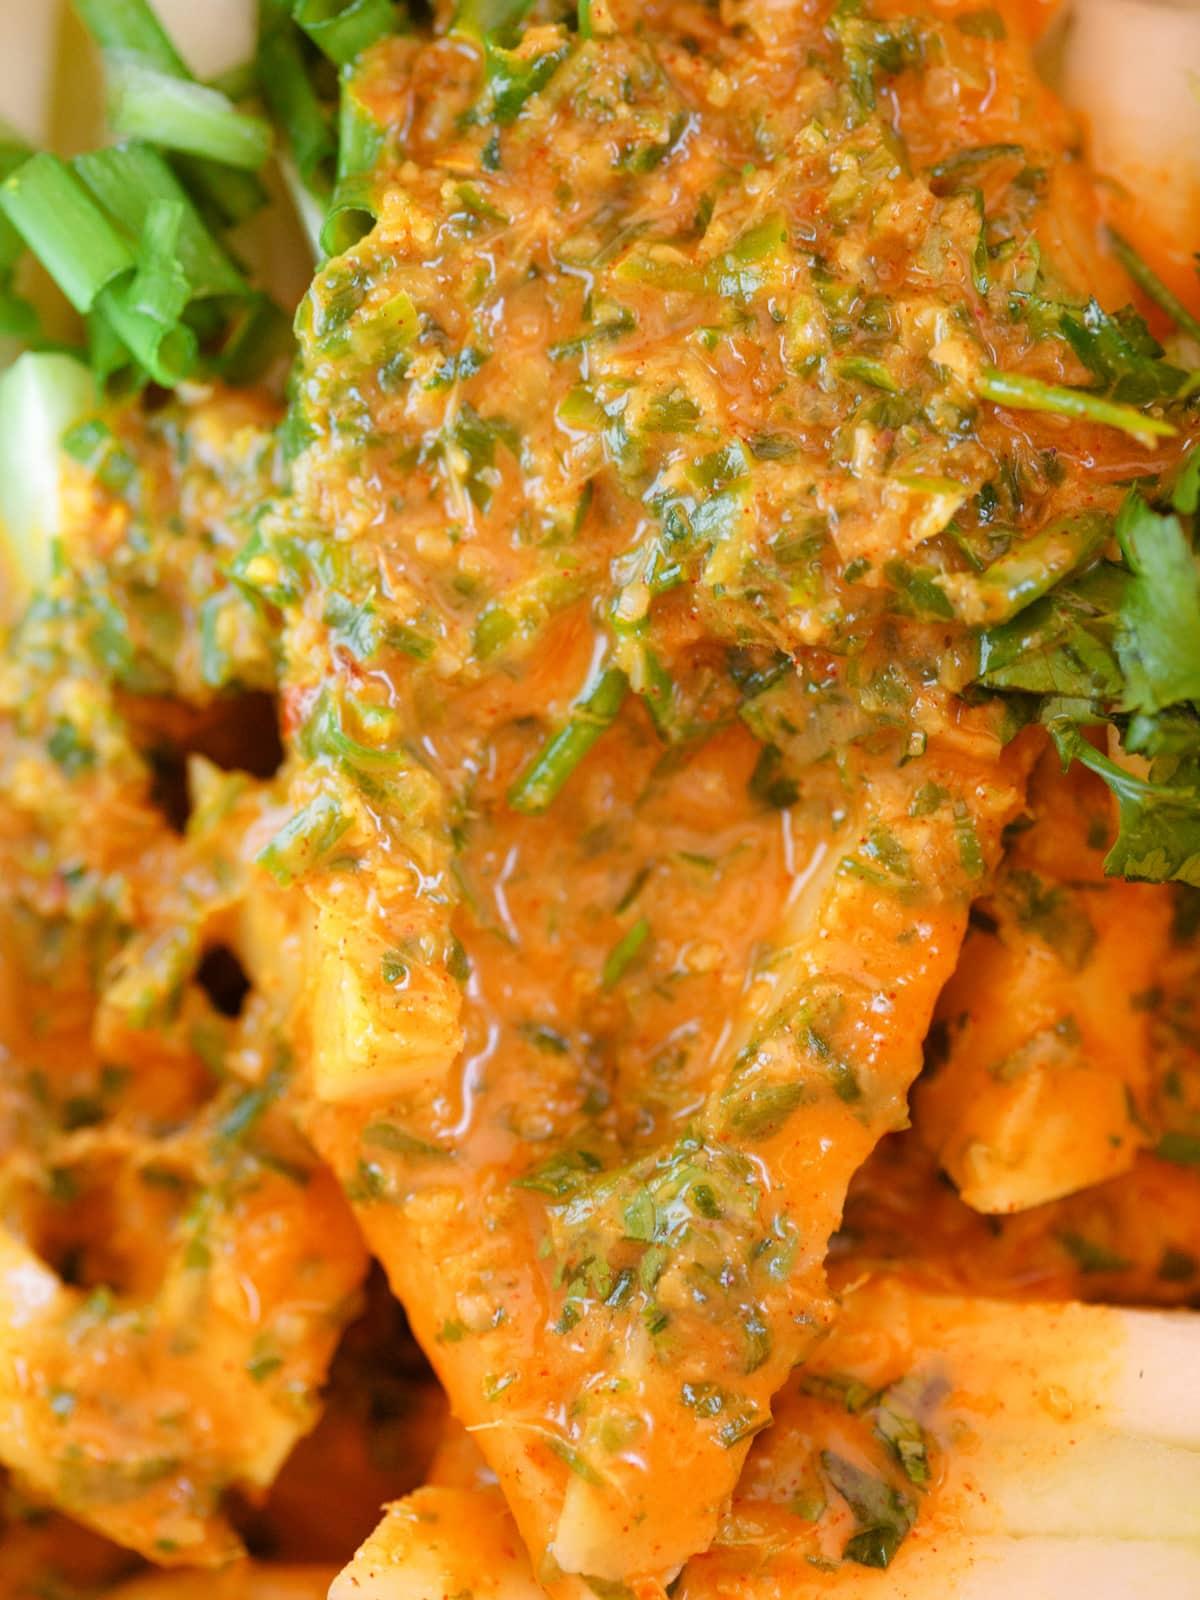 spicy chili zitronen sauce am kohlrabi salat